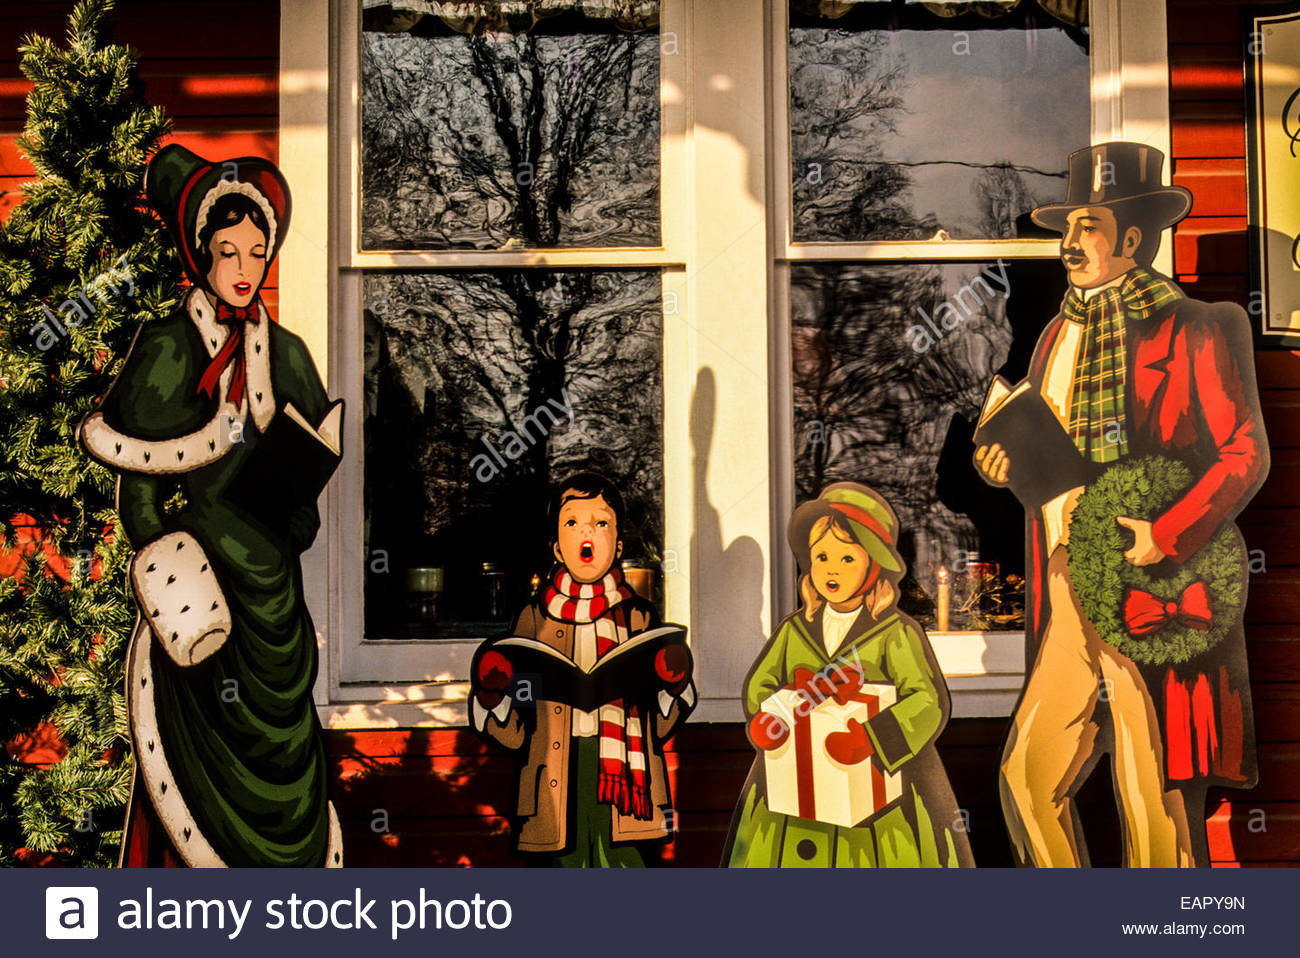 Immagini Natale Vittoriano.Caroling Vintage Natale Vittoriano Di Visualizzazione Di Scena All